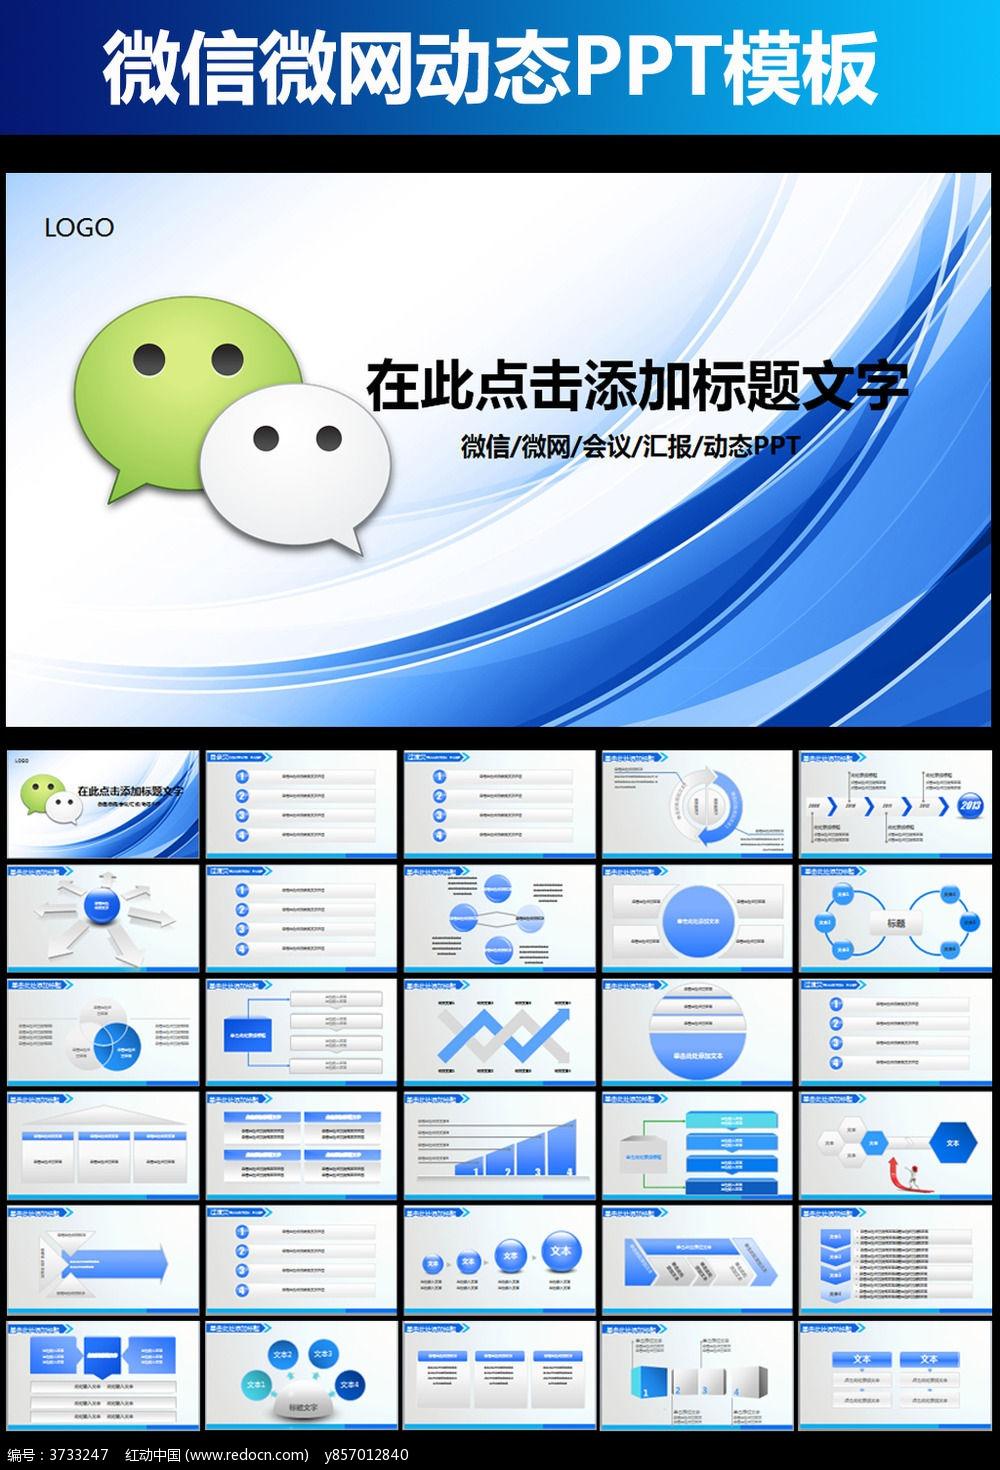 微信营销介绍ppt模板_ppt模板\/PPT背景图片图